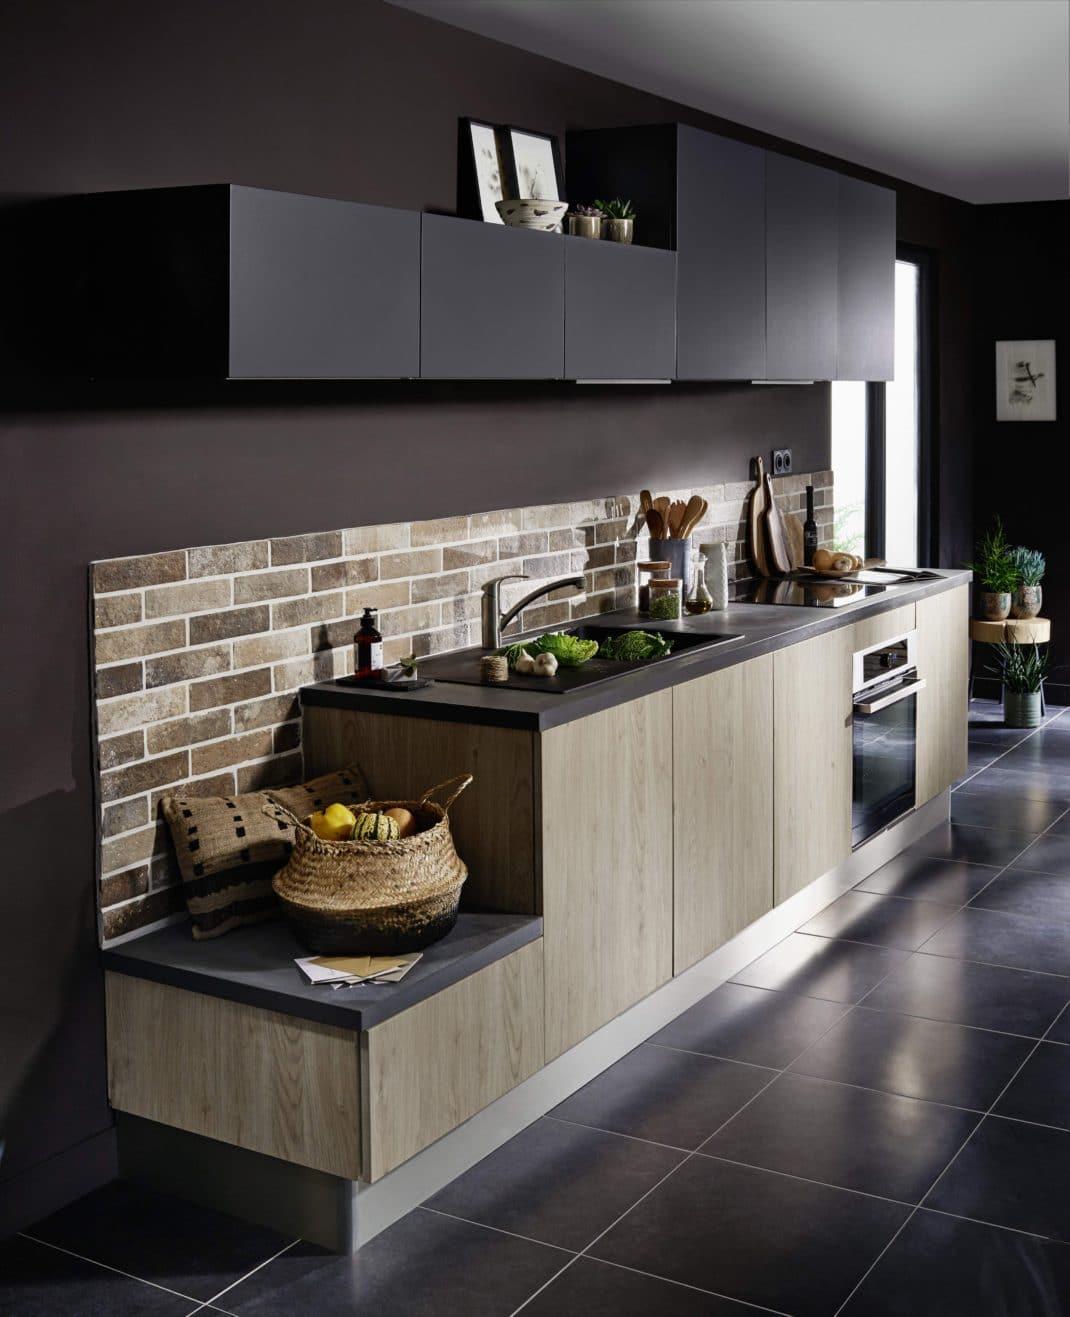 Jeu concours « Votre cuisine, nos conseils. Par Brandt et Lapeyre. »